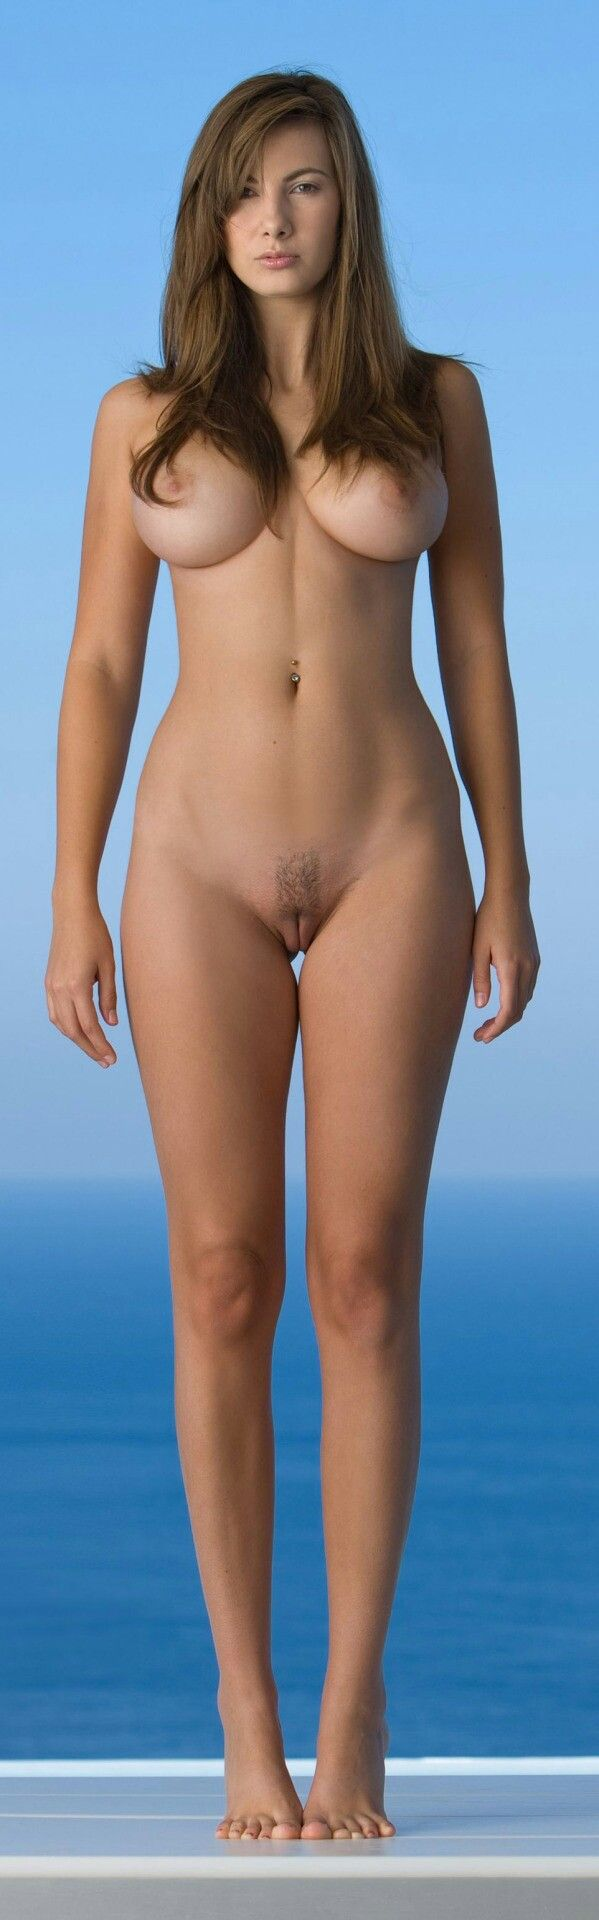 beautiful girls nude america